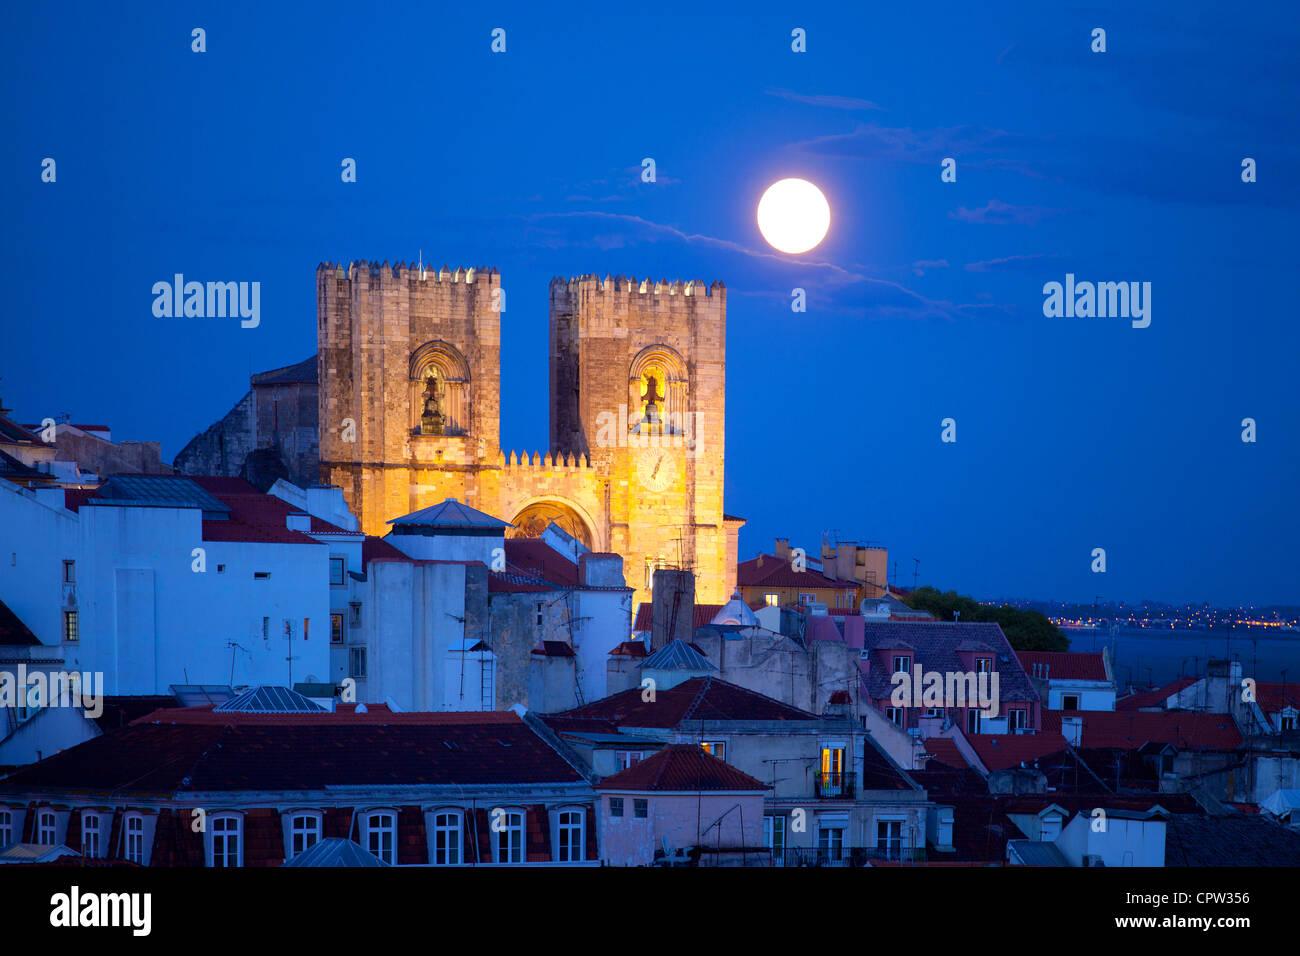 Cattedrale Patriarcale di Santa Maria Maggiore, Lisbona, Portogallo al crepuscolo con aumento della luna Immagini Stock